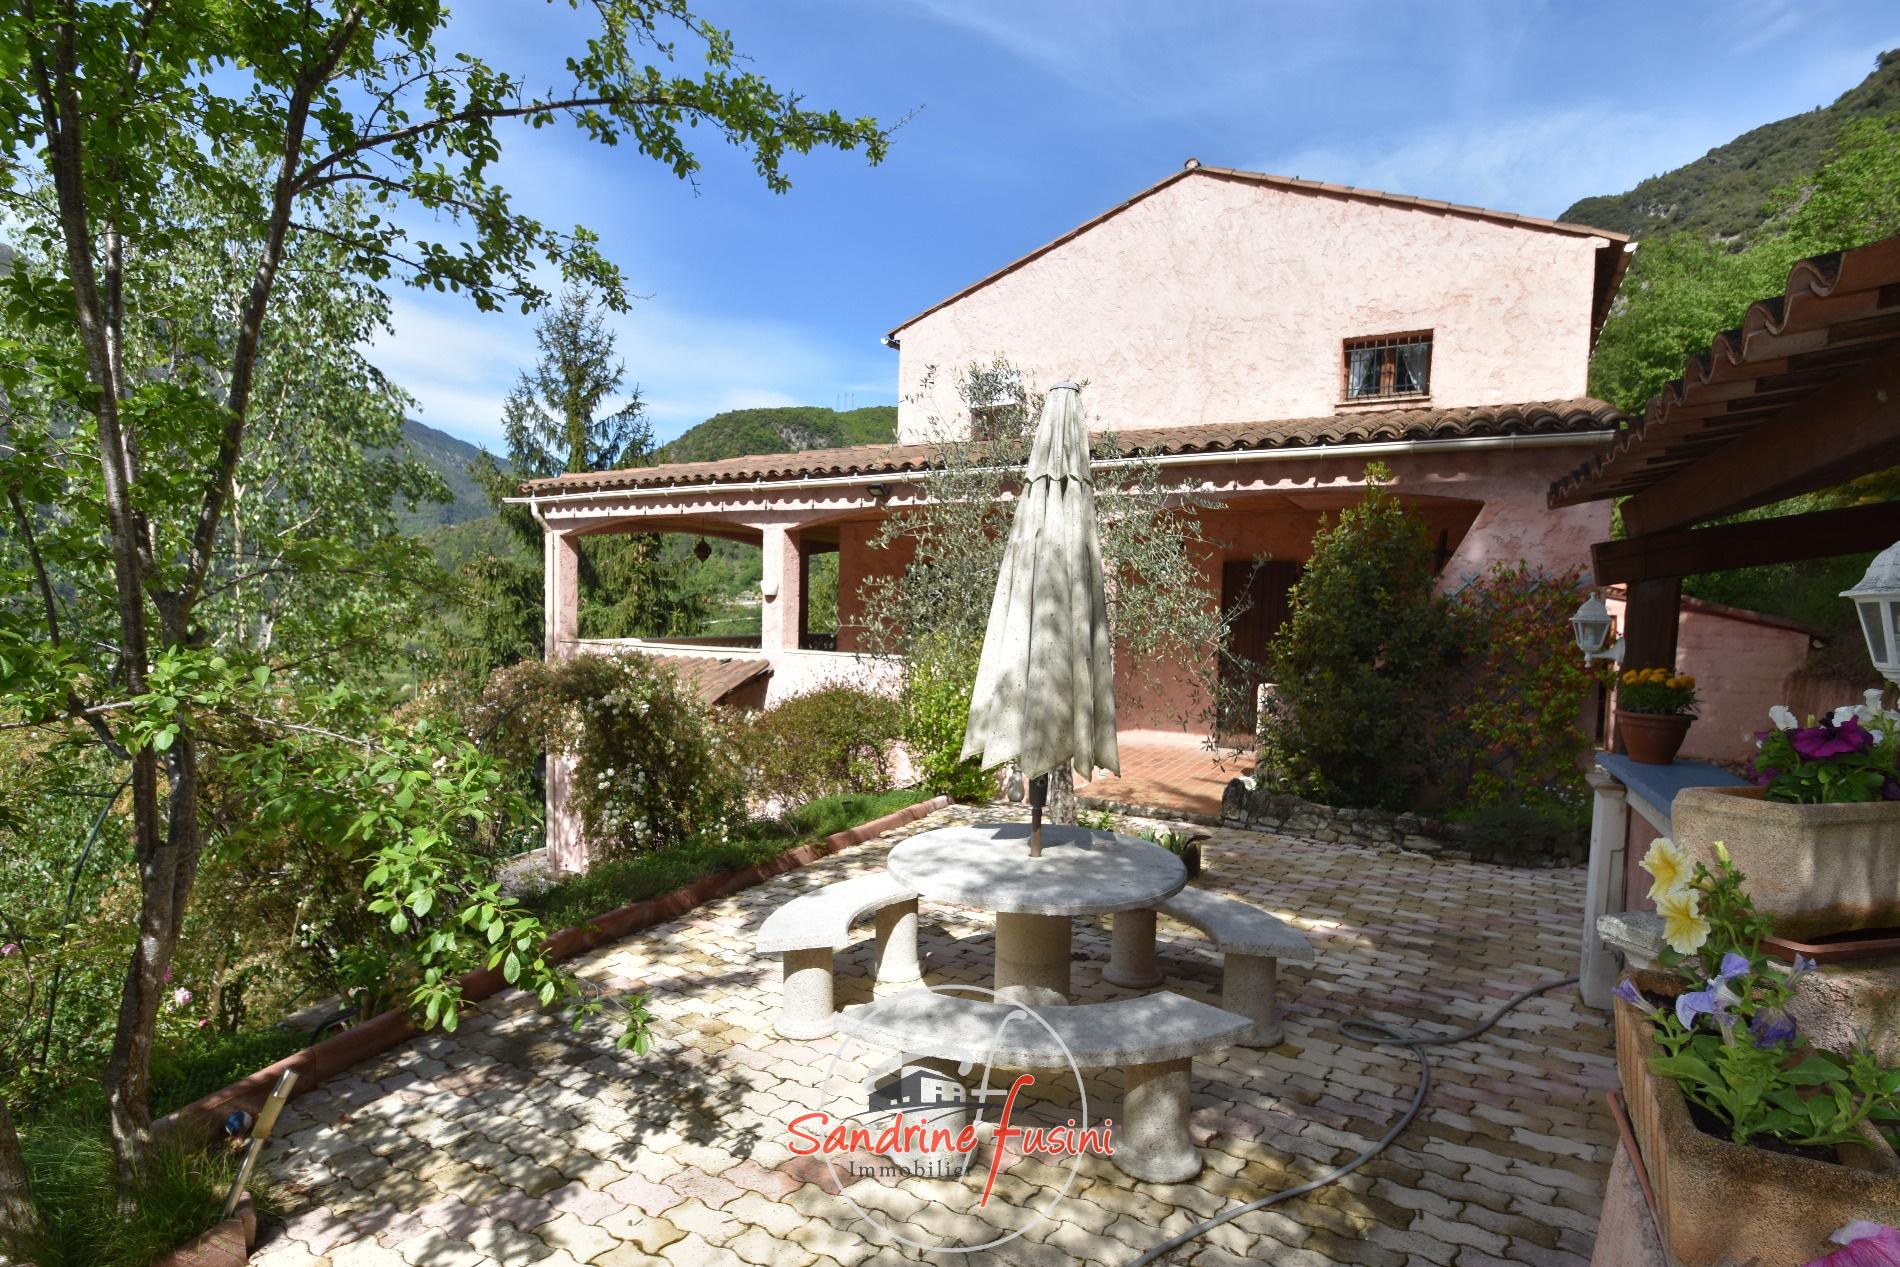 Vente villa individuelle d 39 environ 160 m avec 2 pi ces for Villa individuelle